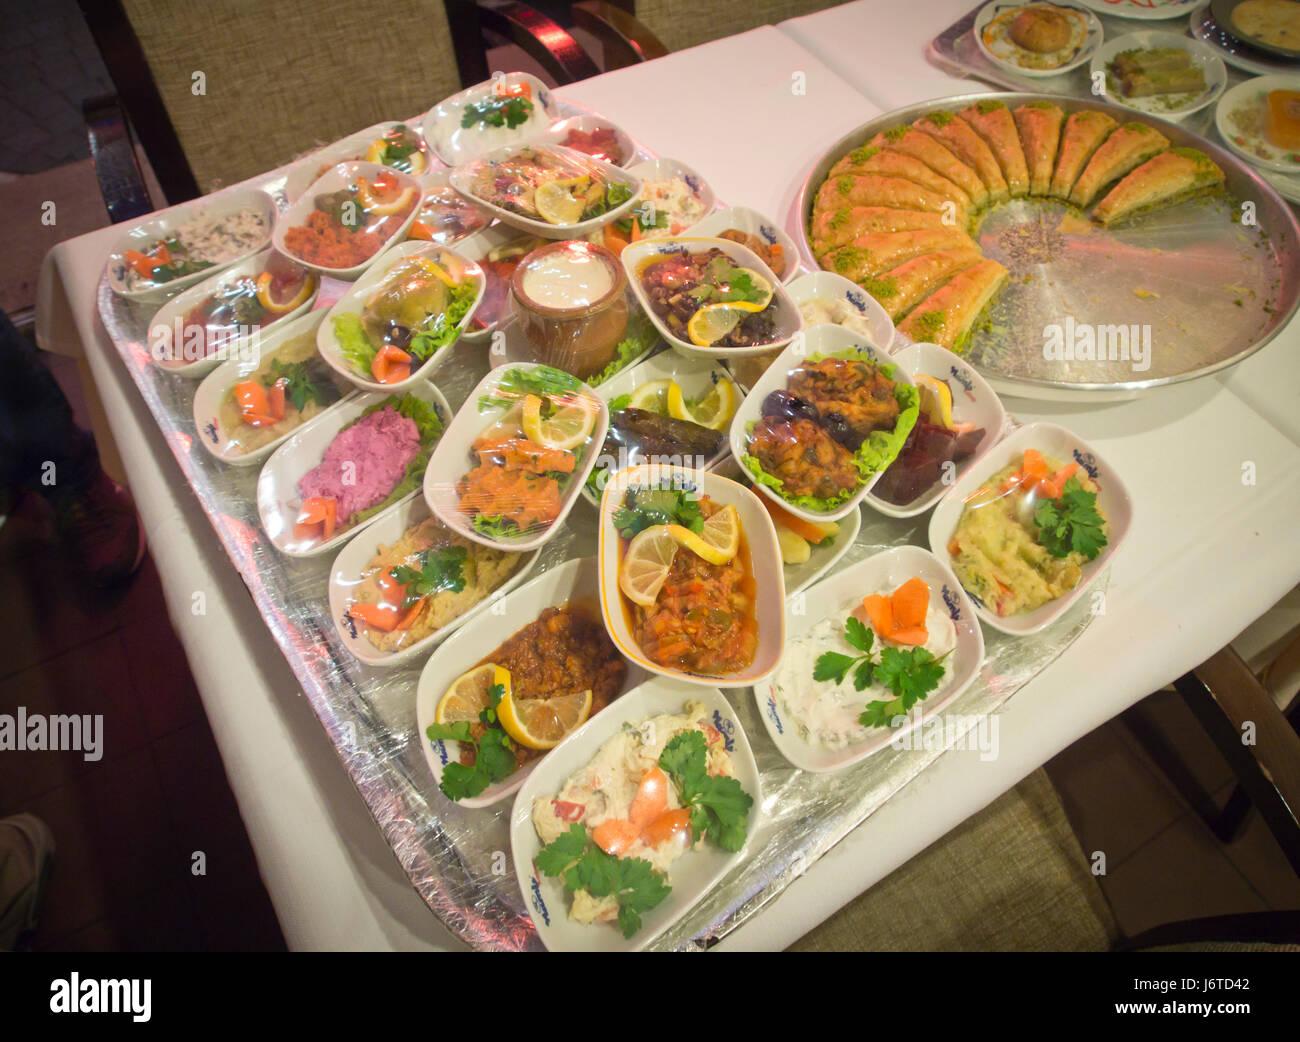 Gehobene Küche in Baku Aserbaidschan, eine Auswahl an Vorspeisen und Süßigkeiten zur Auswahl Stockbild